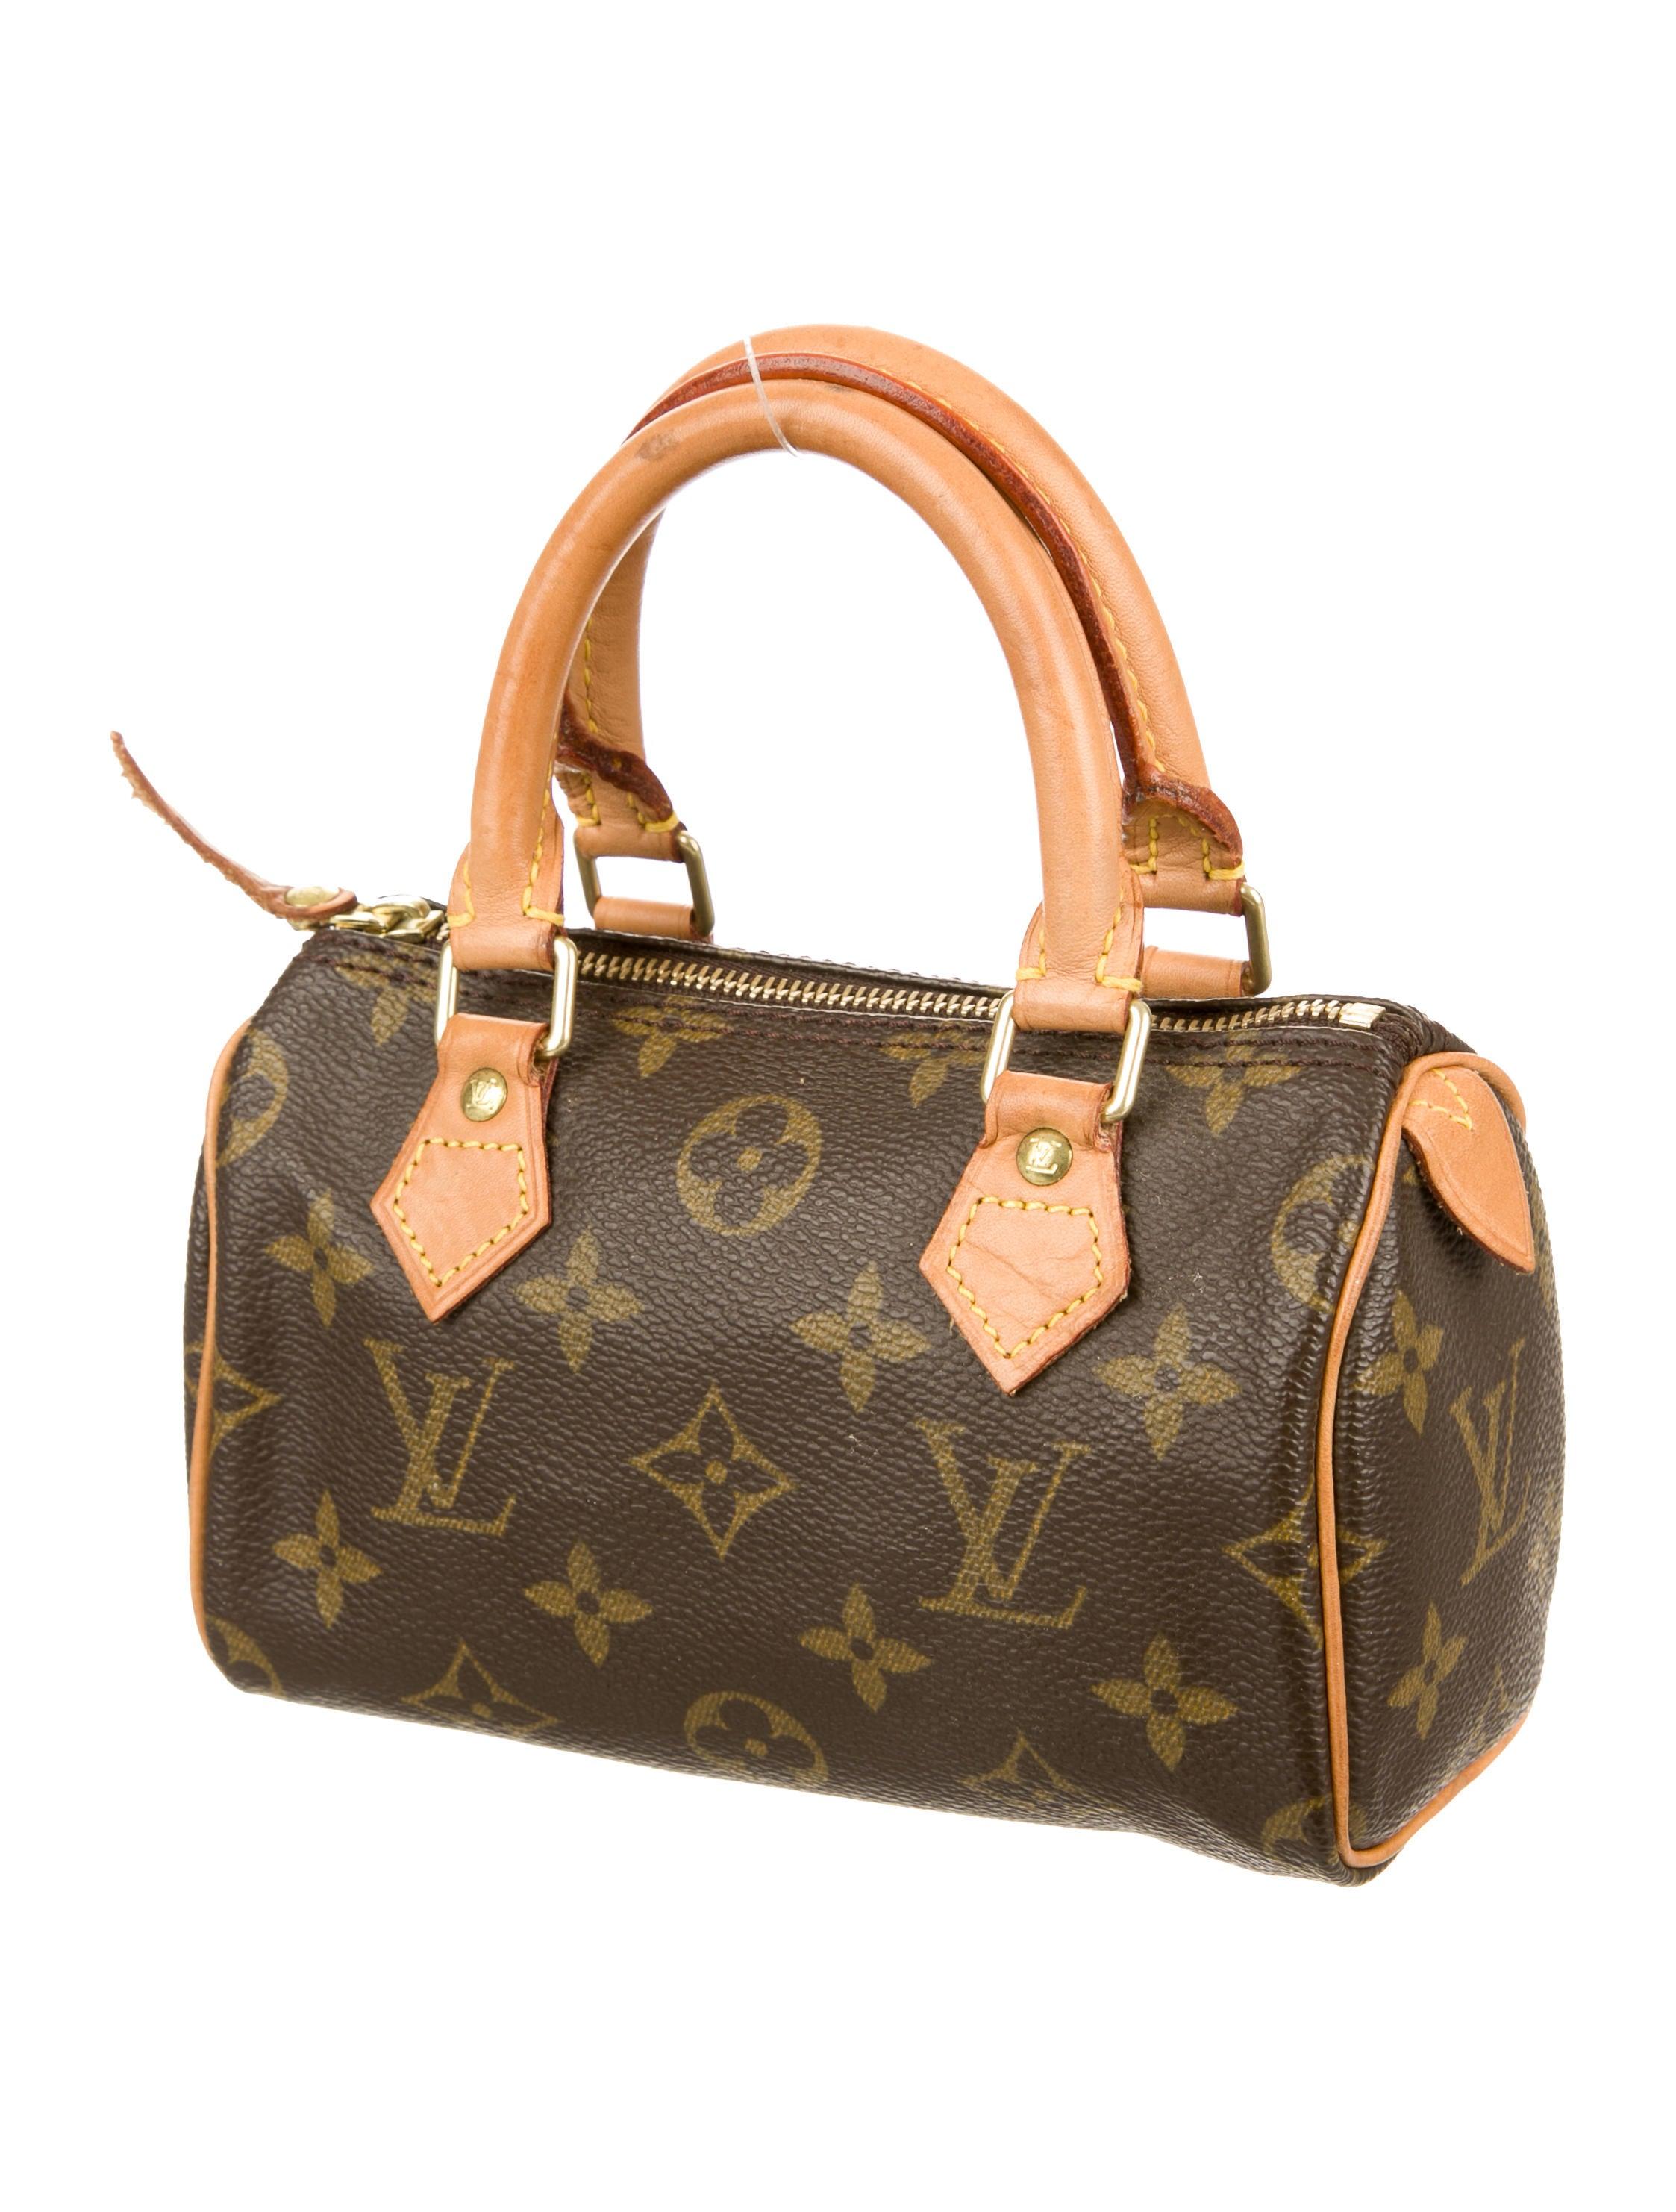 Louis Vuitton Mini Monogram Speedy Hl Handbags